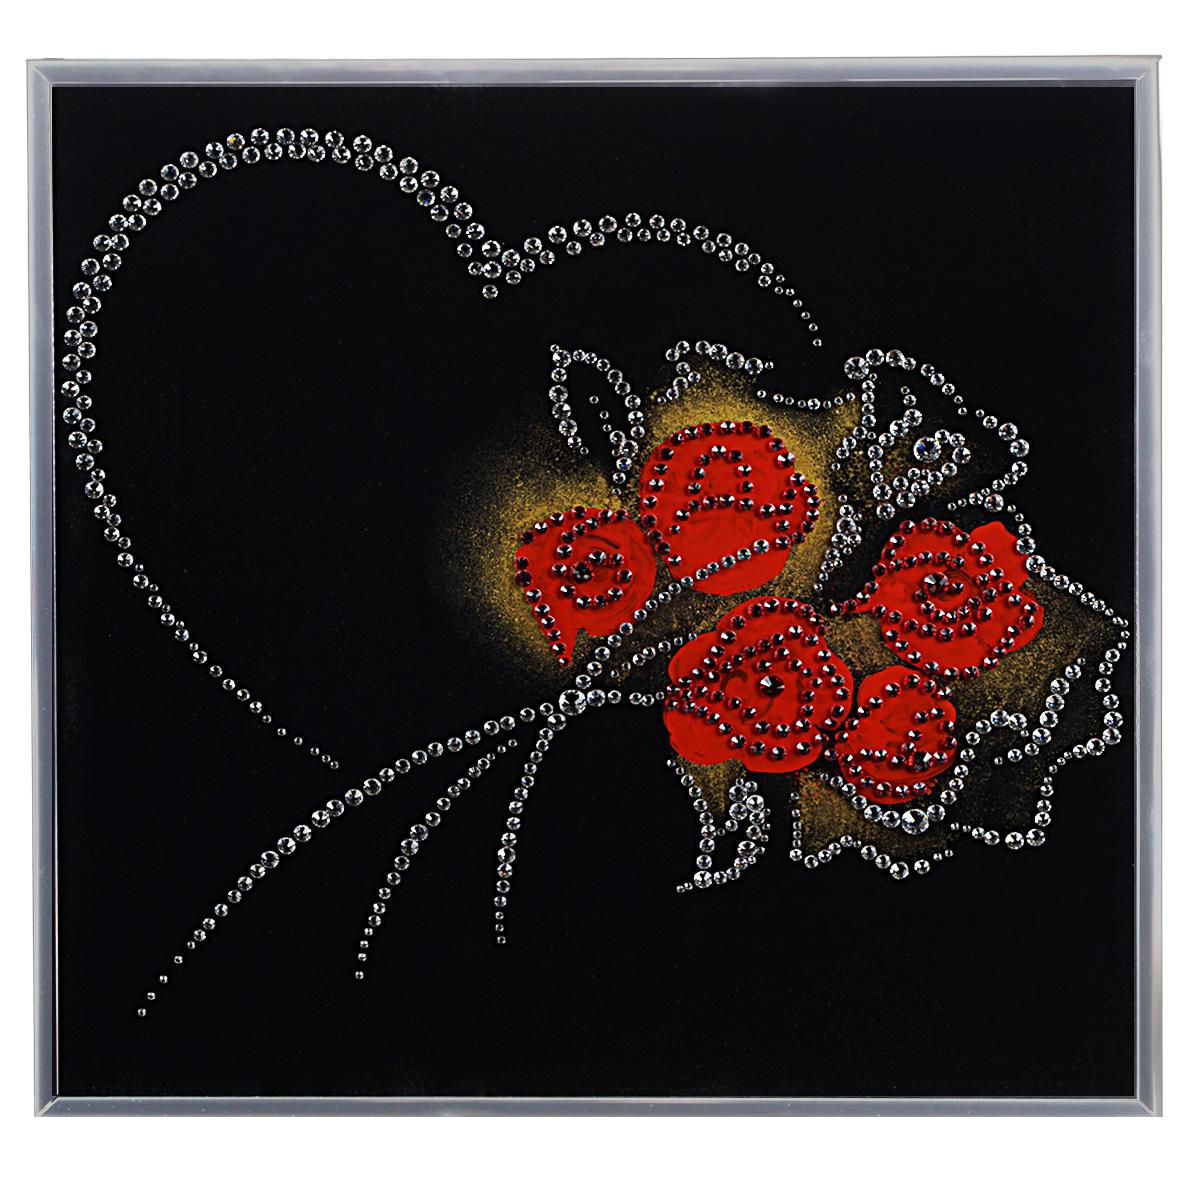 Картина с кристаллами Swarovski От всего сердца, 30 см х 30 см1236Изящная картина в алюминиевой раме От всего сердца инкрустирована кристаллами Swarovski, которые отличаются четкой и ровной огранкой, ярким блеском и чистотой цвета. Идеально подобранная палитра кристаллов прекрасно дополняет картину. С задней стороны изделие оснащено специальной металлической петелькой для размещения на стене. Картина с кристаллами Swarovski элегантно украсит интерьер дома, а также станет прекрасным подарком, который обязательно понравится получателю. Блеск кристаллов в интерьере - что может быть сказочнее и удивительнее. Изделие упаковано в подарочную картонную коробку синего цвета и комплектуется сертификатом соответствия Swarovski.